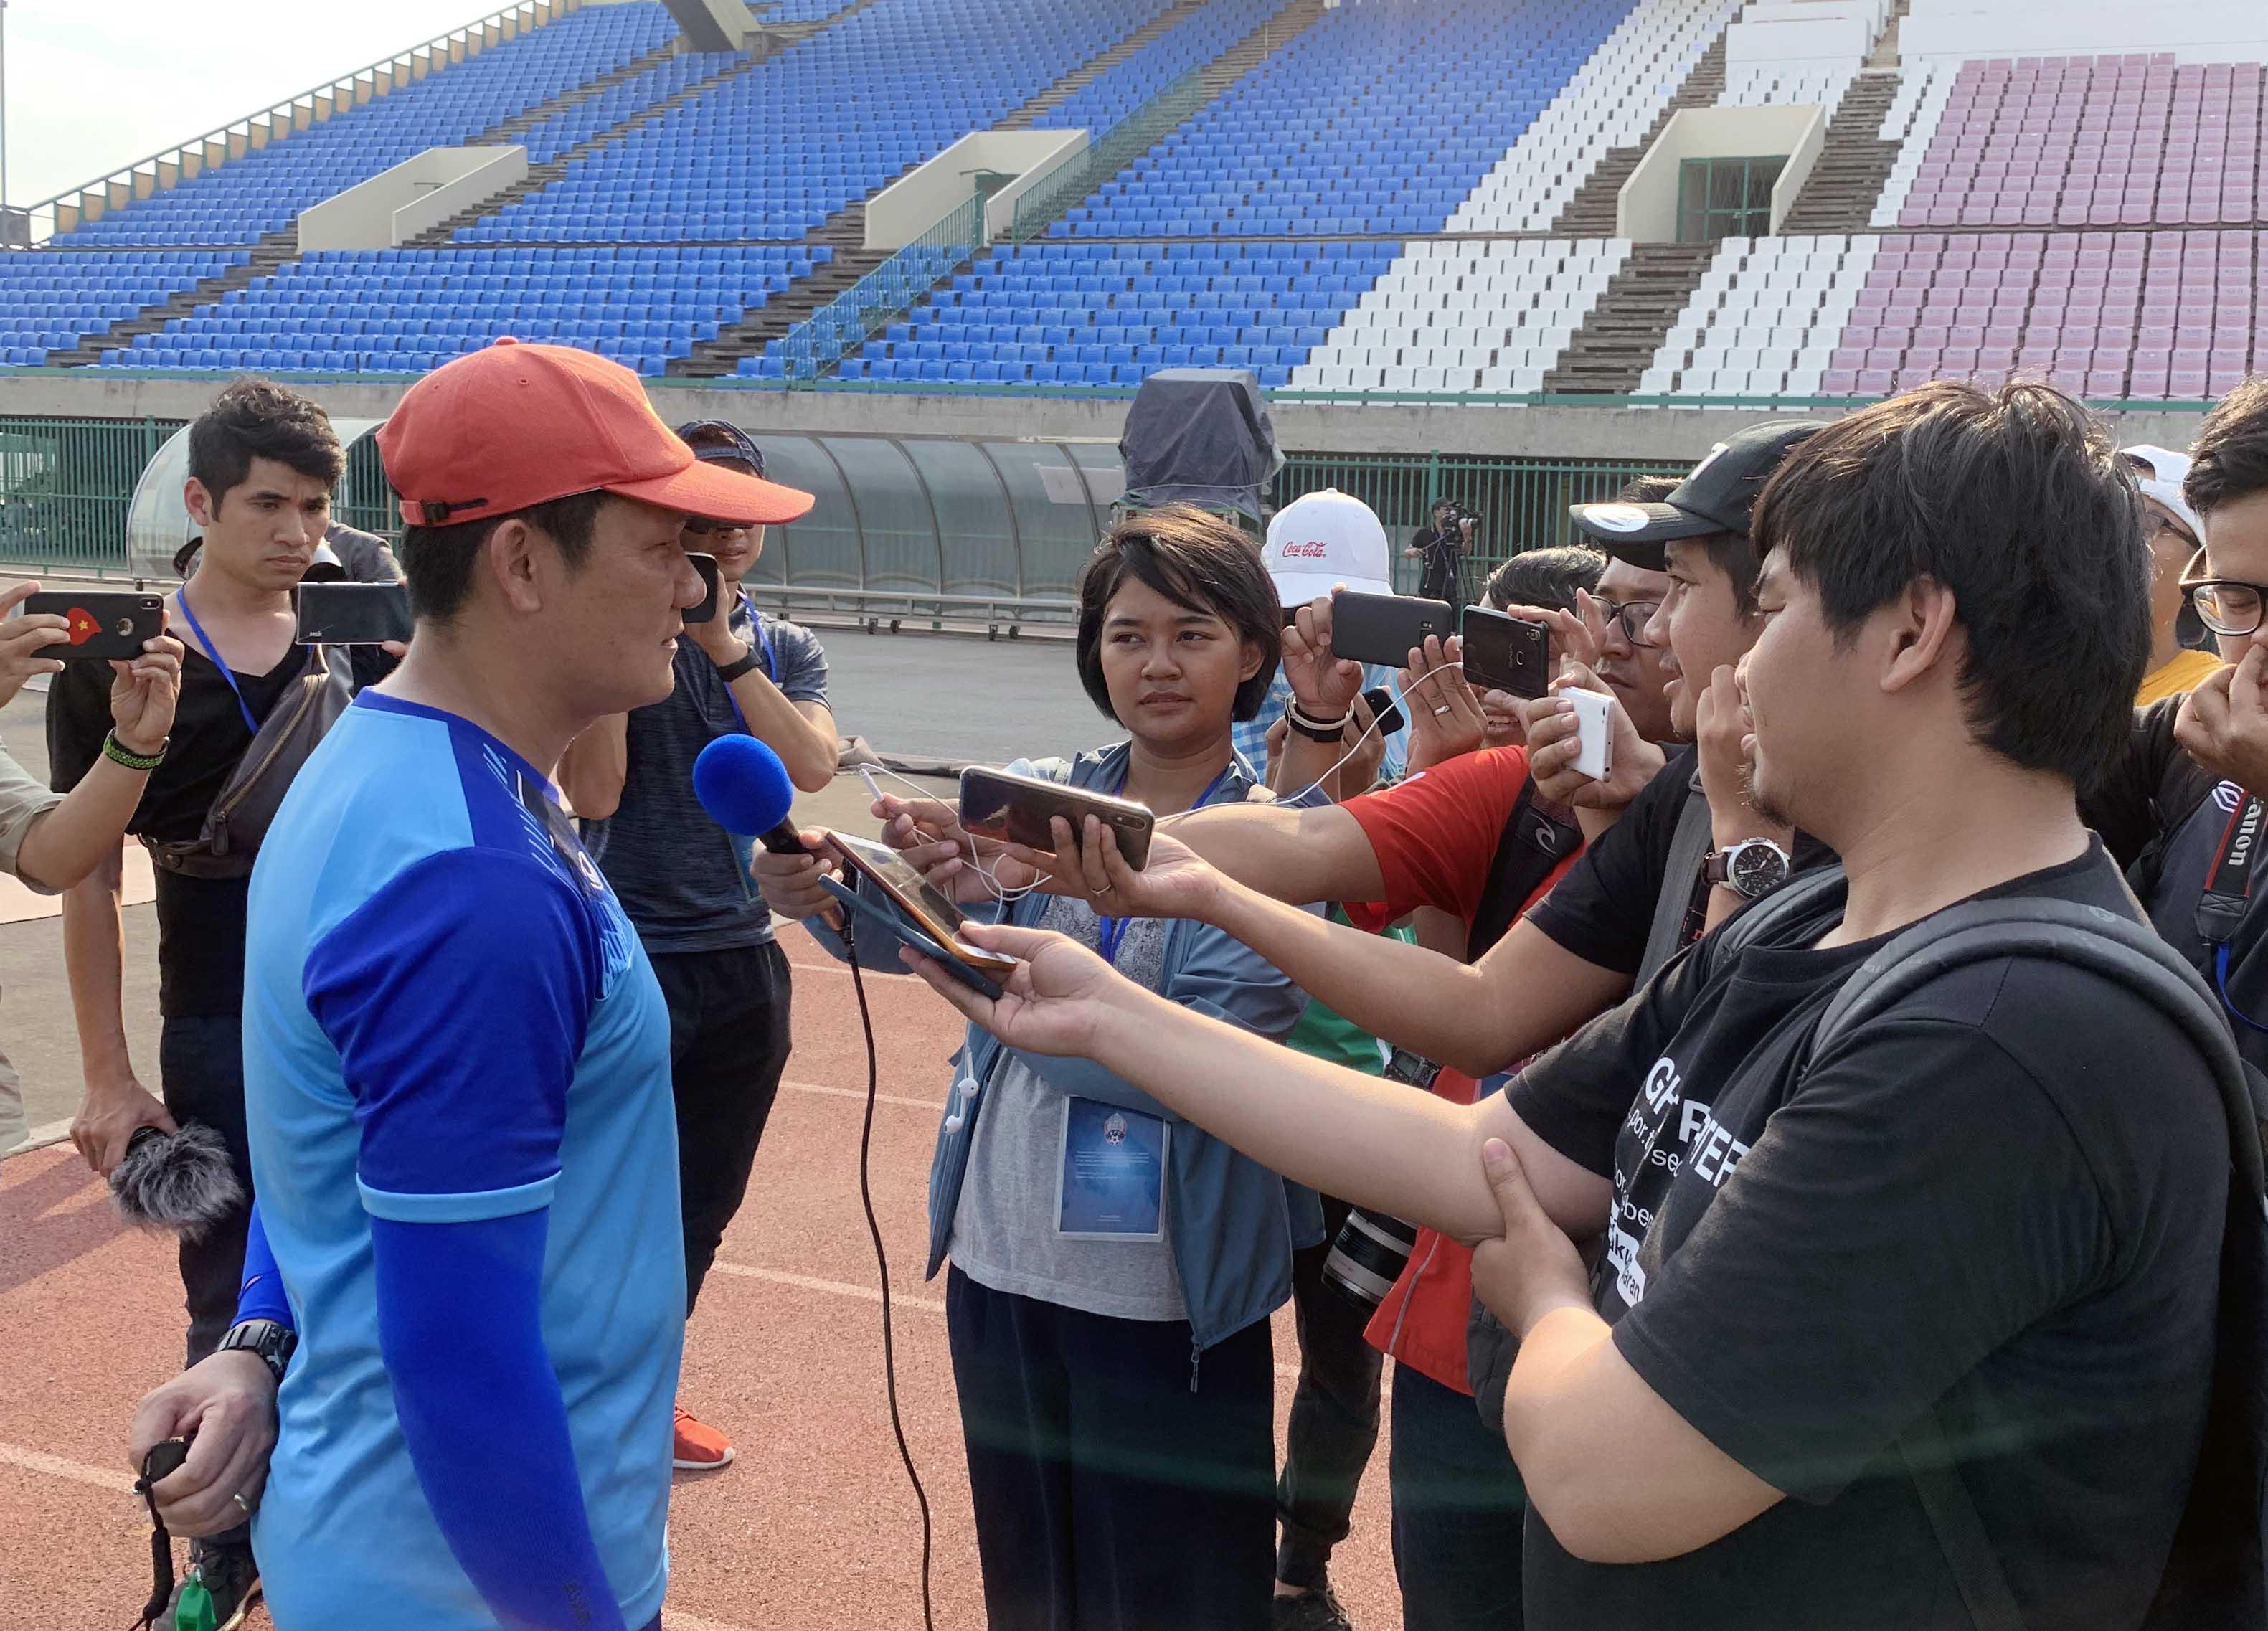 HLV U22 Việt Nam báo tin không vui trước trận Bán kết giải Đông Nam Á 2019